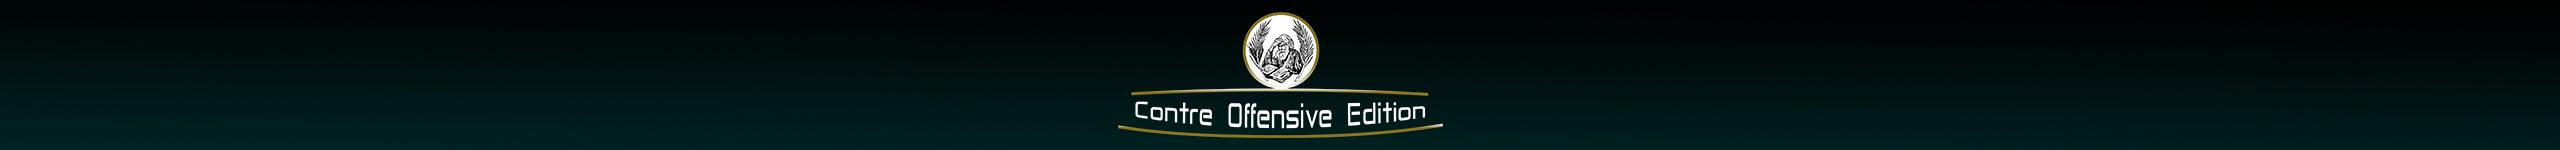 banniere contre offensive edition